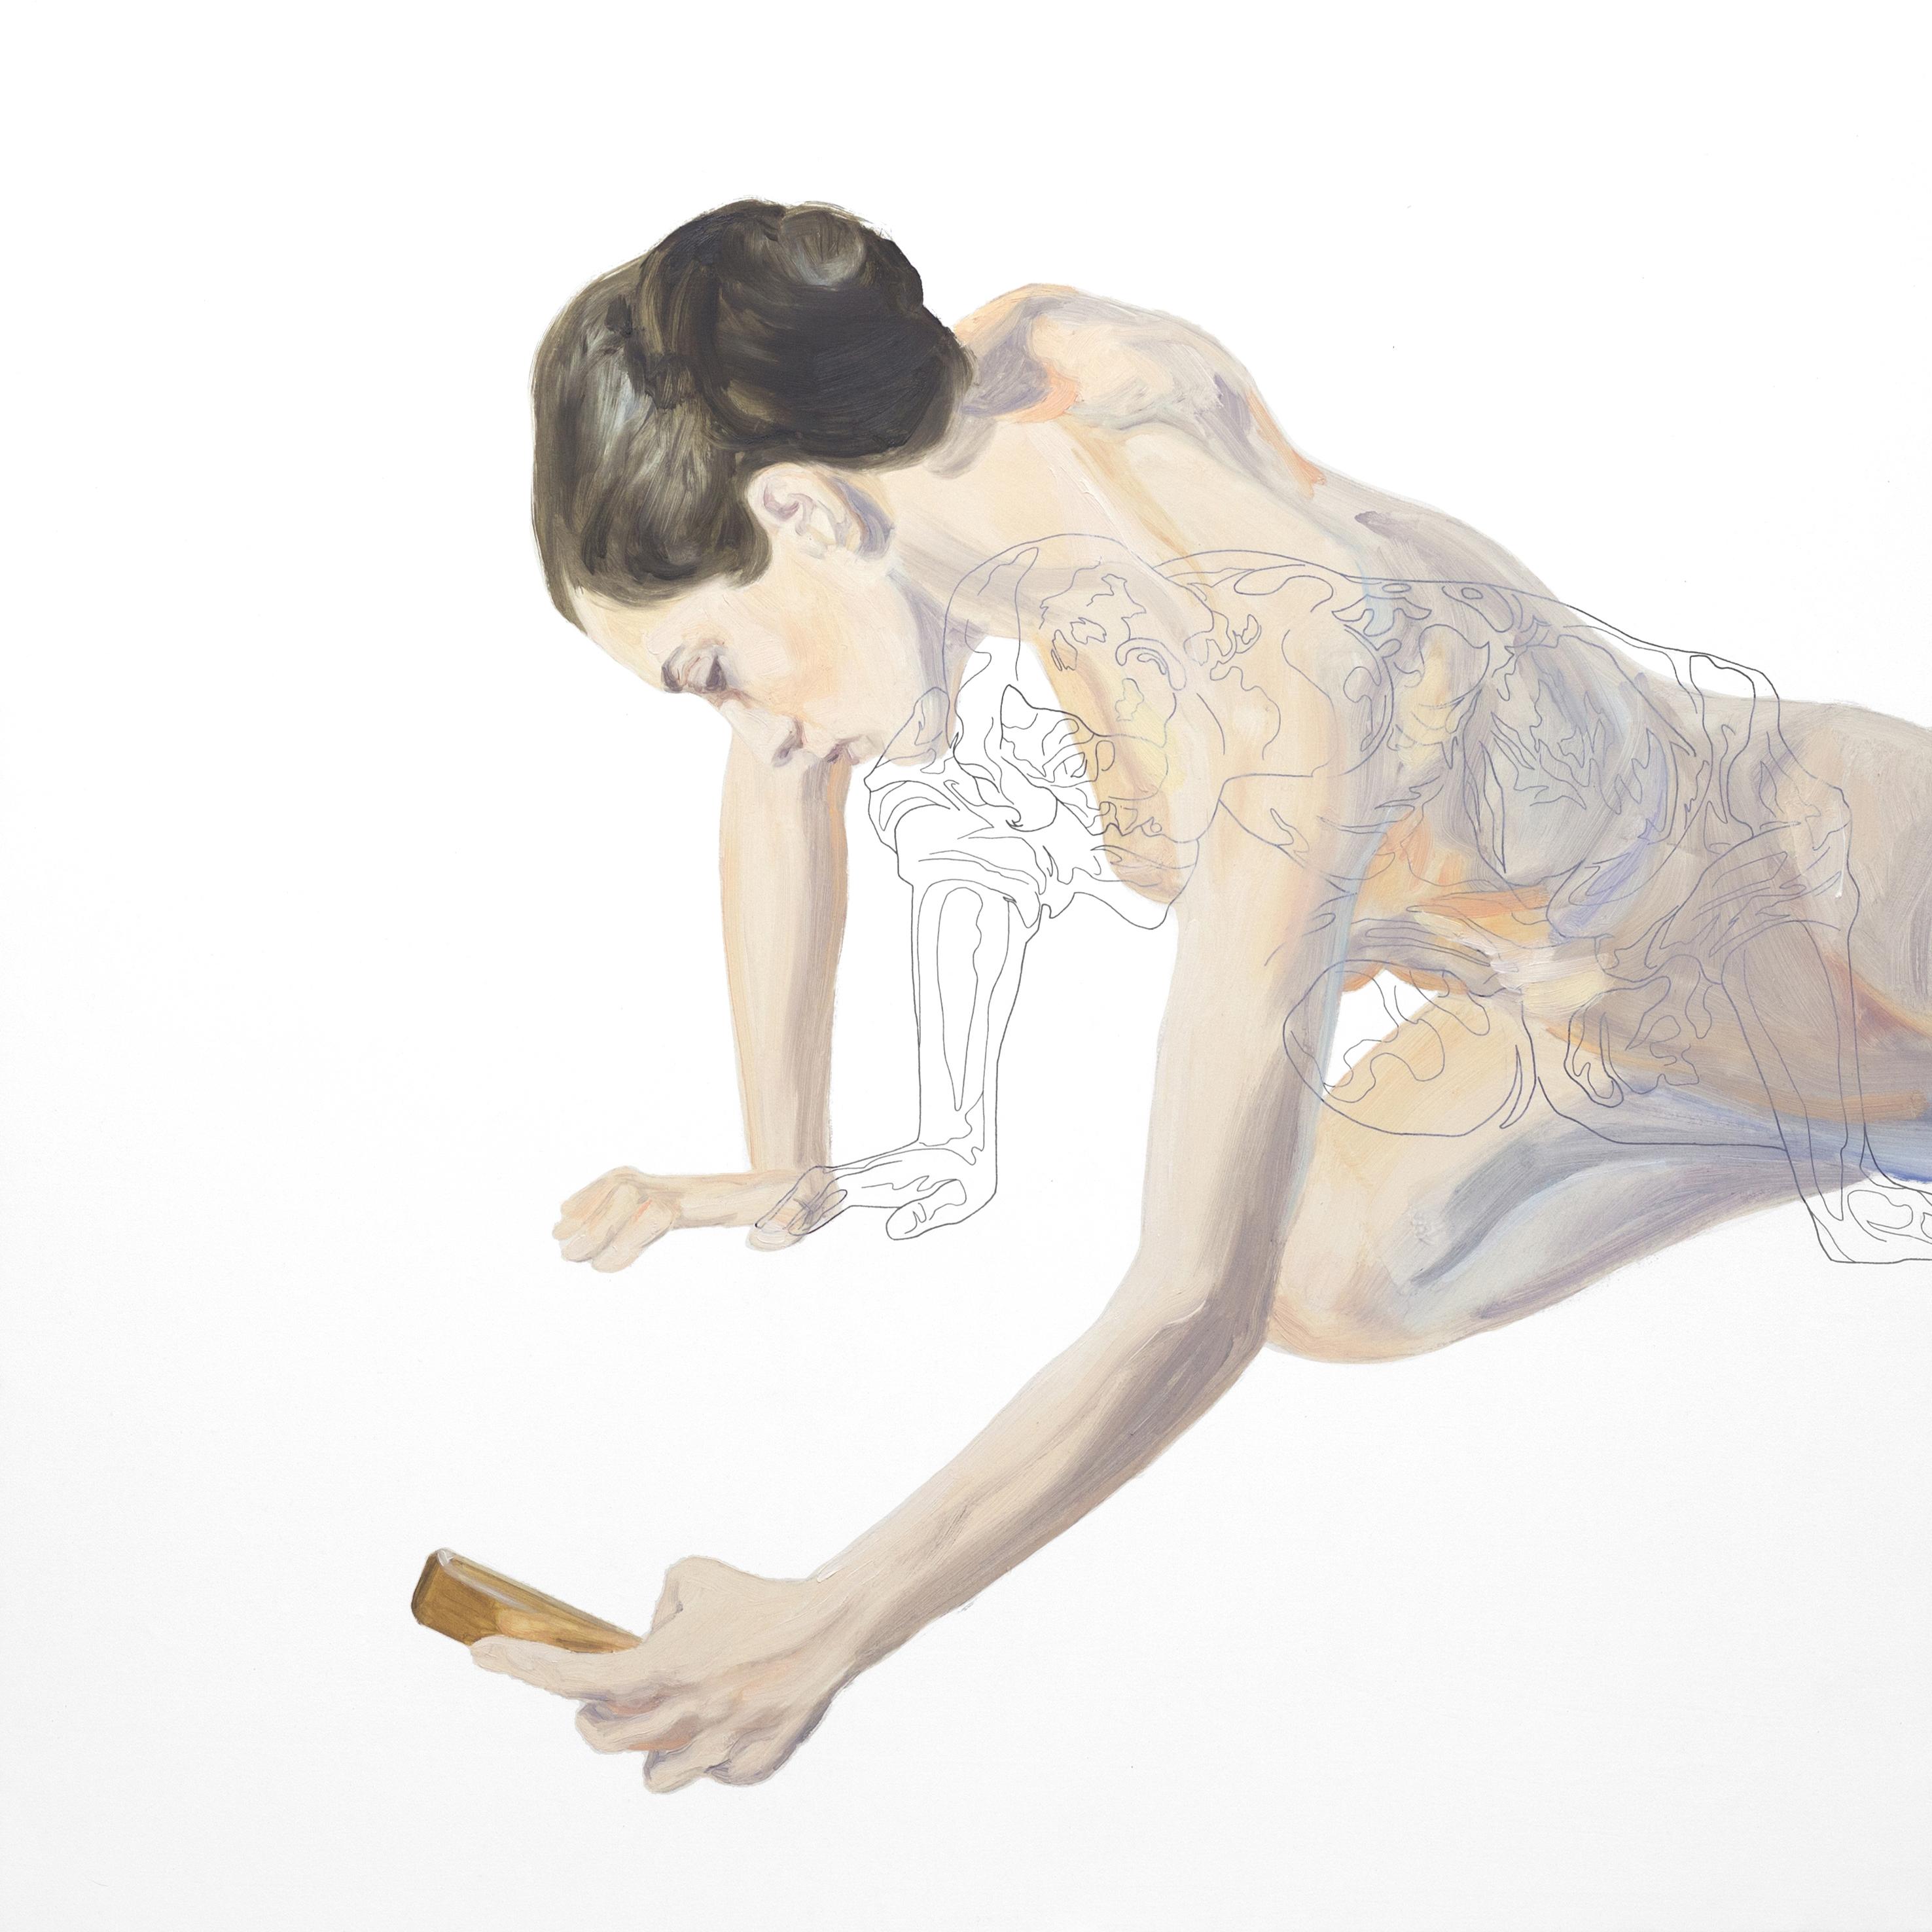 No sabe qué es lo que ve. Tinta china y óleo sobre lienzo. 80 x 80 cm.